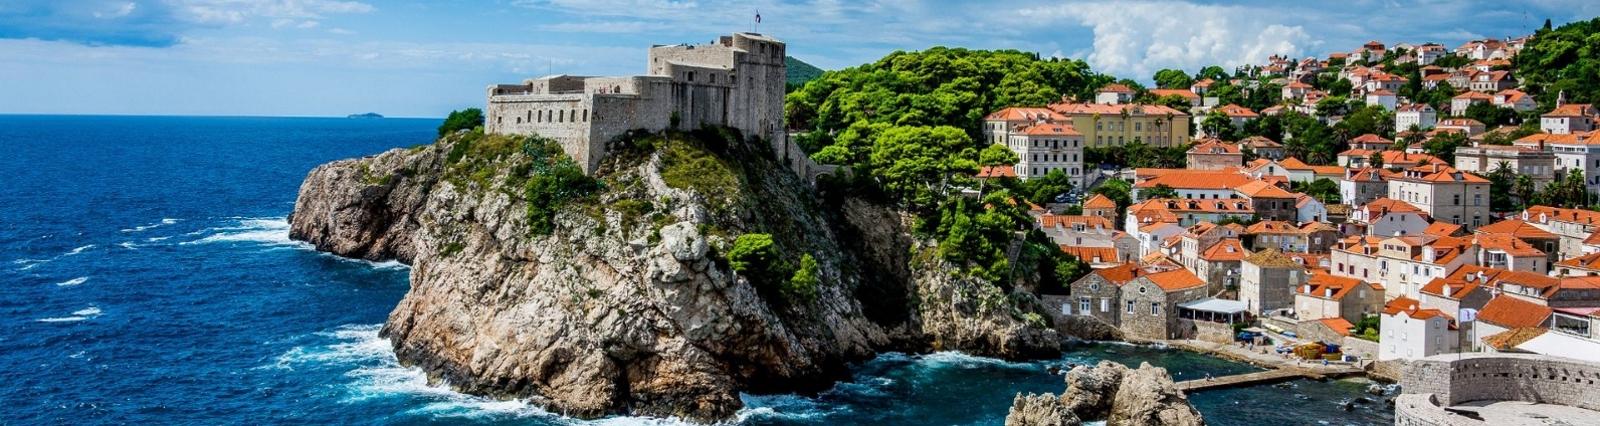 Туры в Хорватию из Одессы